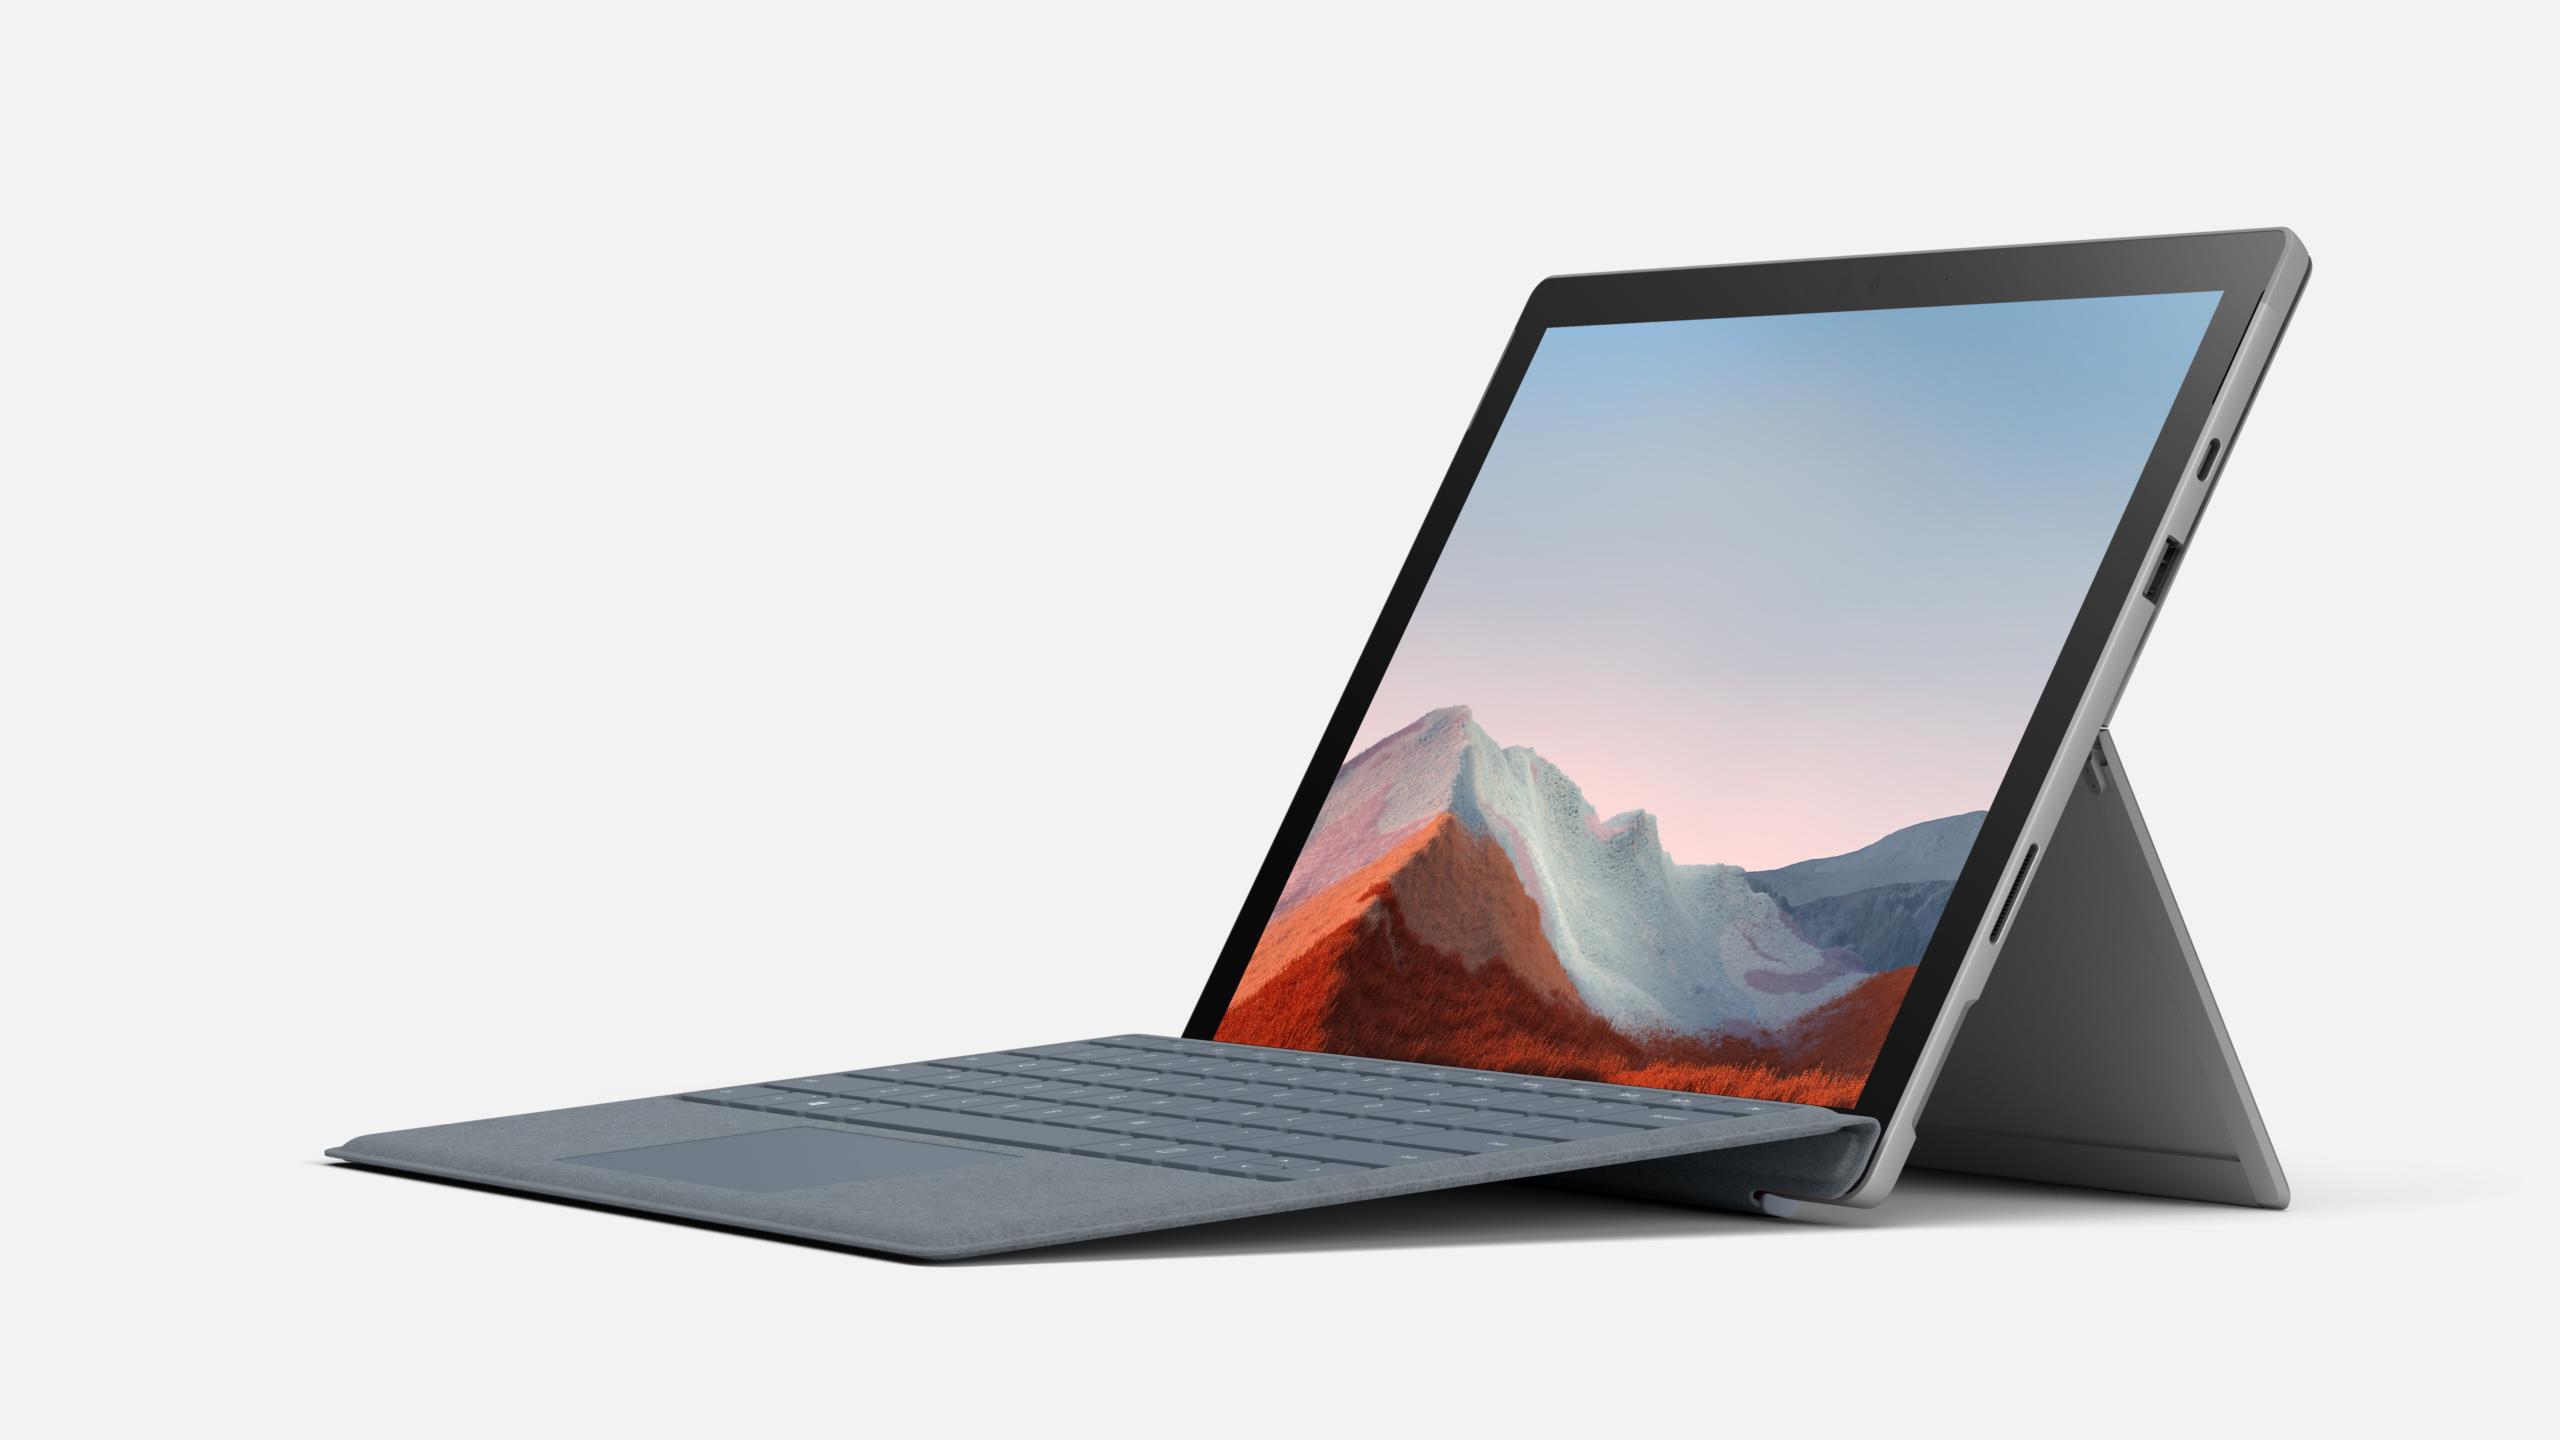 Microsoft выпустила Surface Pro 7 Plus со старым дизайном, обновлённым железом и без 5G